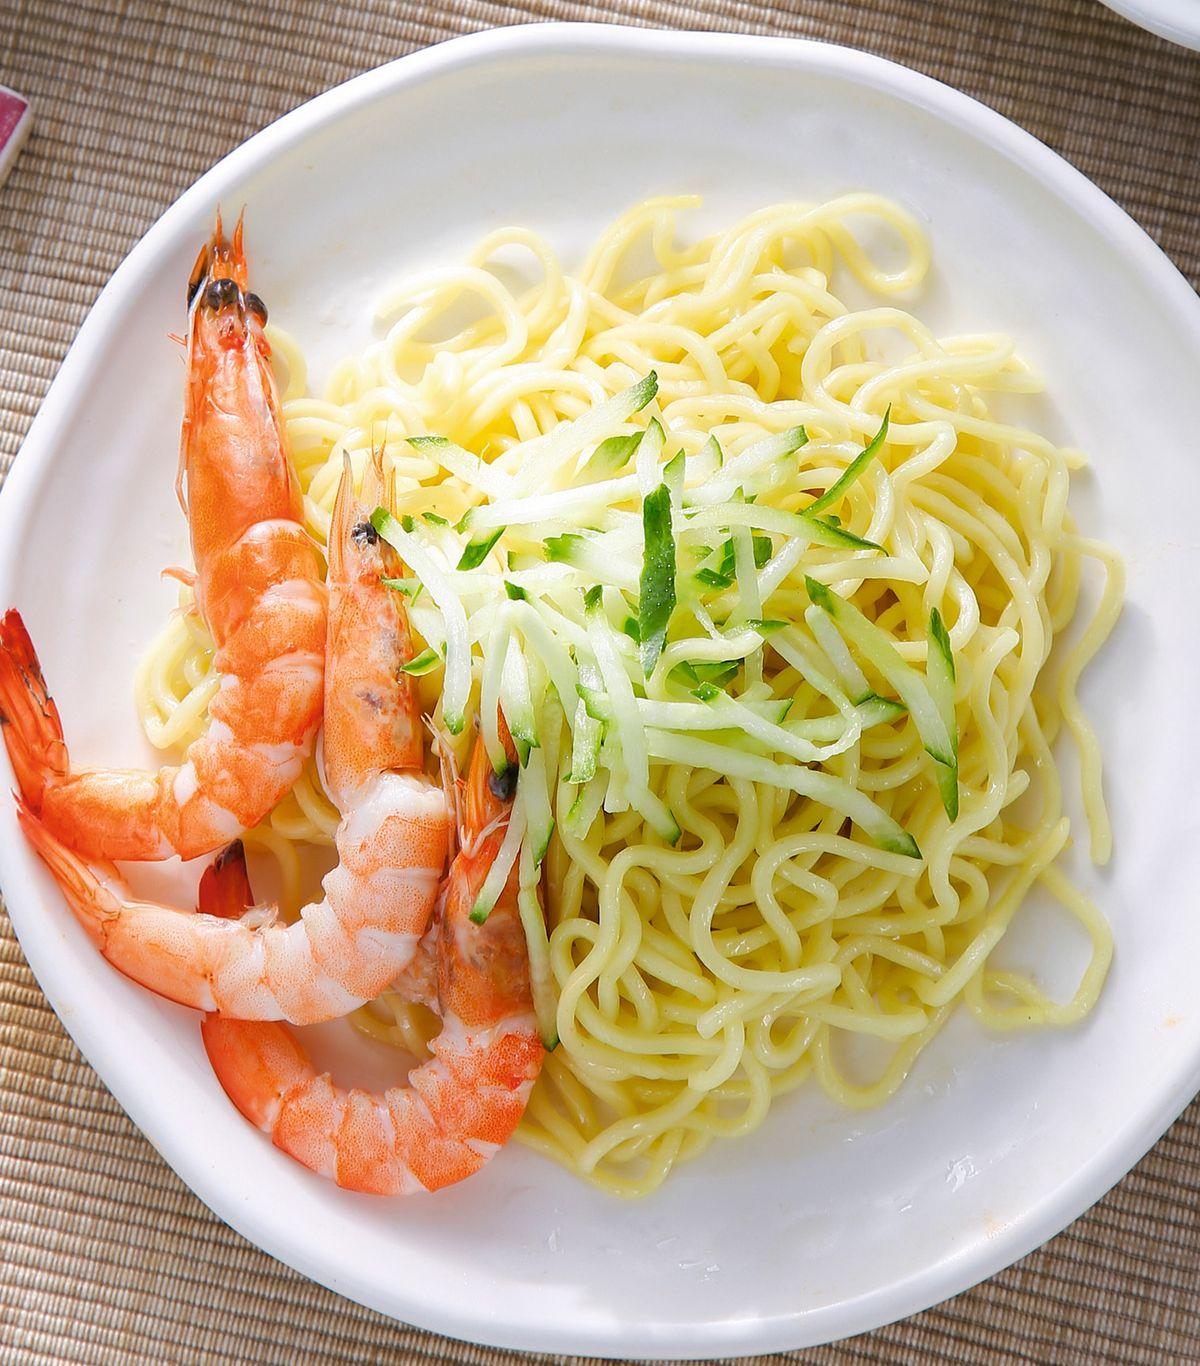 食譜:中華經典冷麵